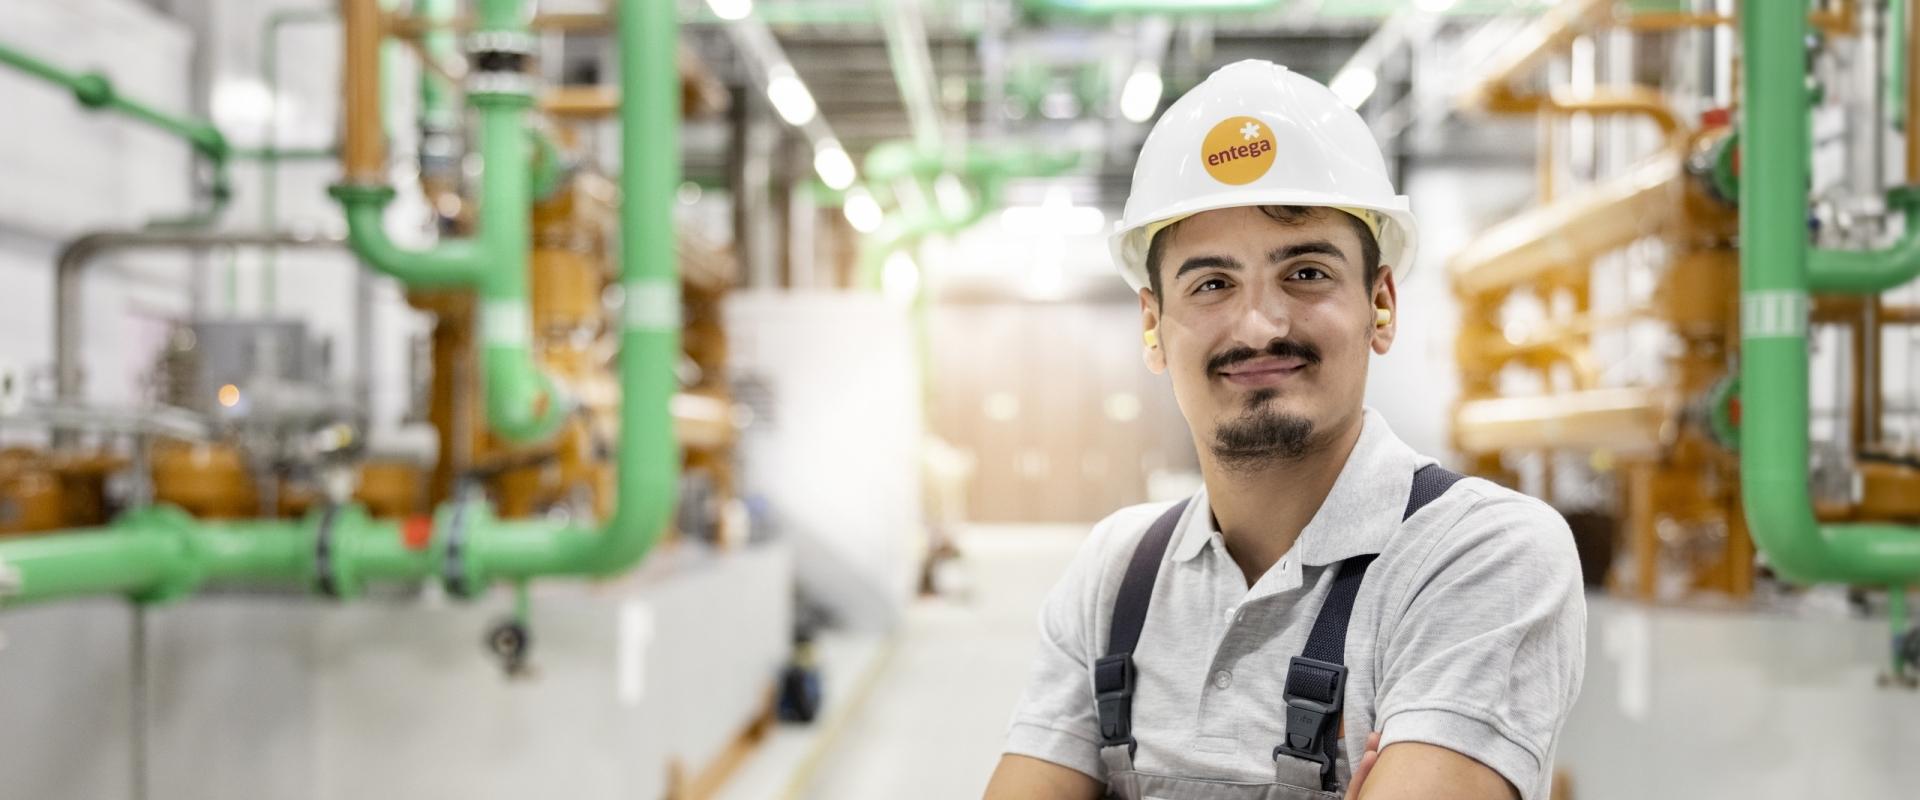 Entega Ausbildung Anlagemechaniker für Rohr- und Systemtechnik